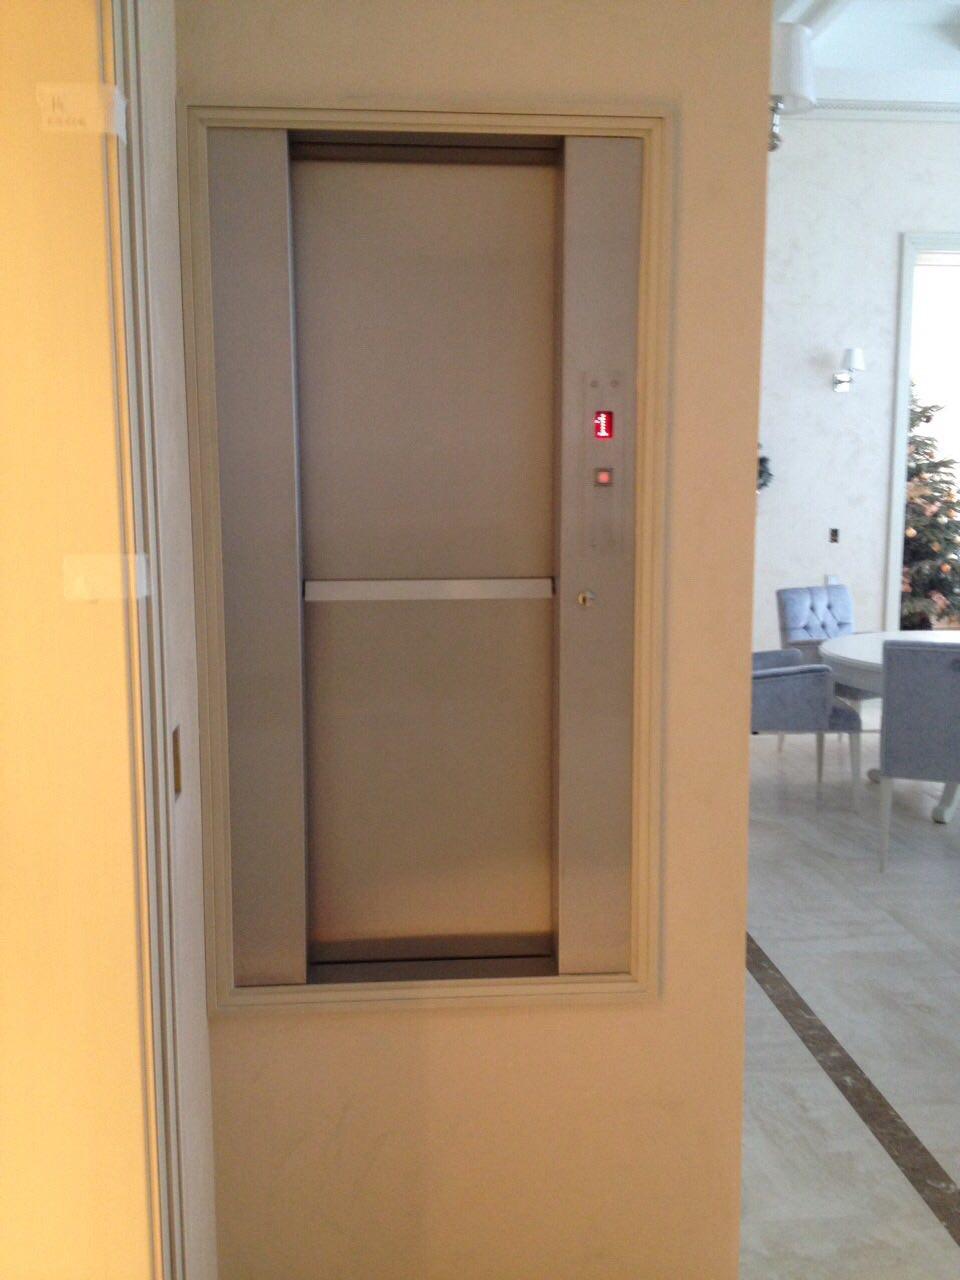 Малый грузовой лифт для коттеджа в поселке 'Петровский' 2